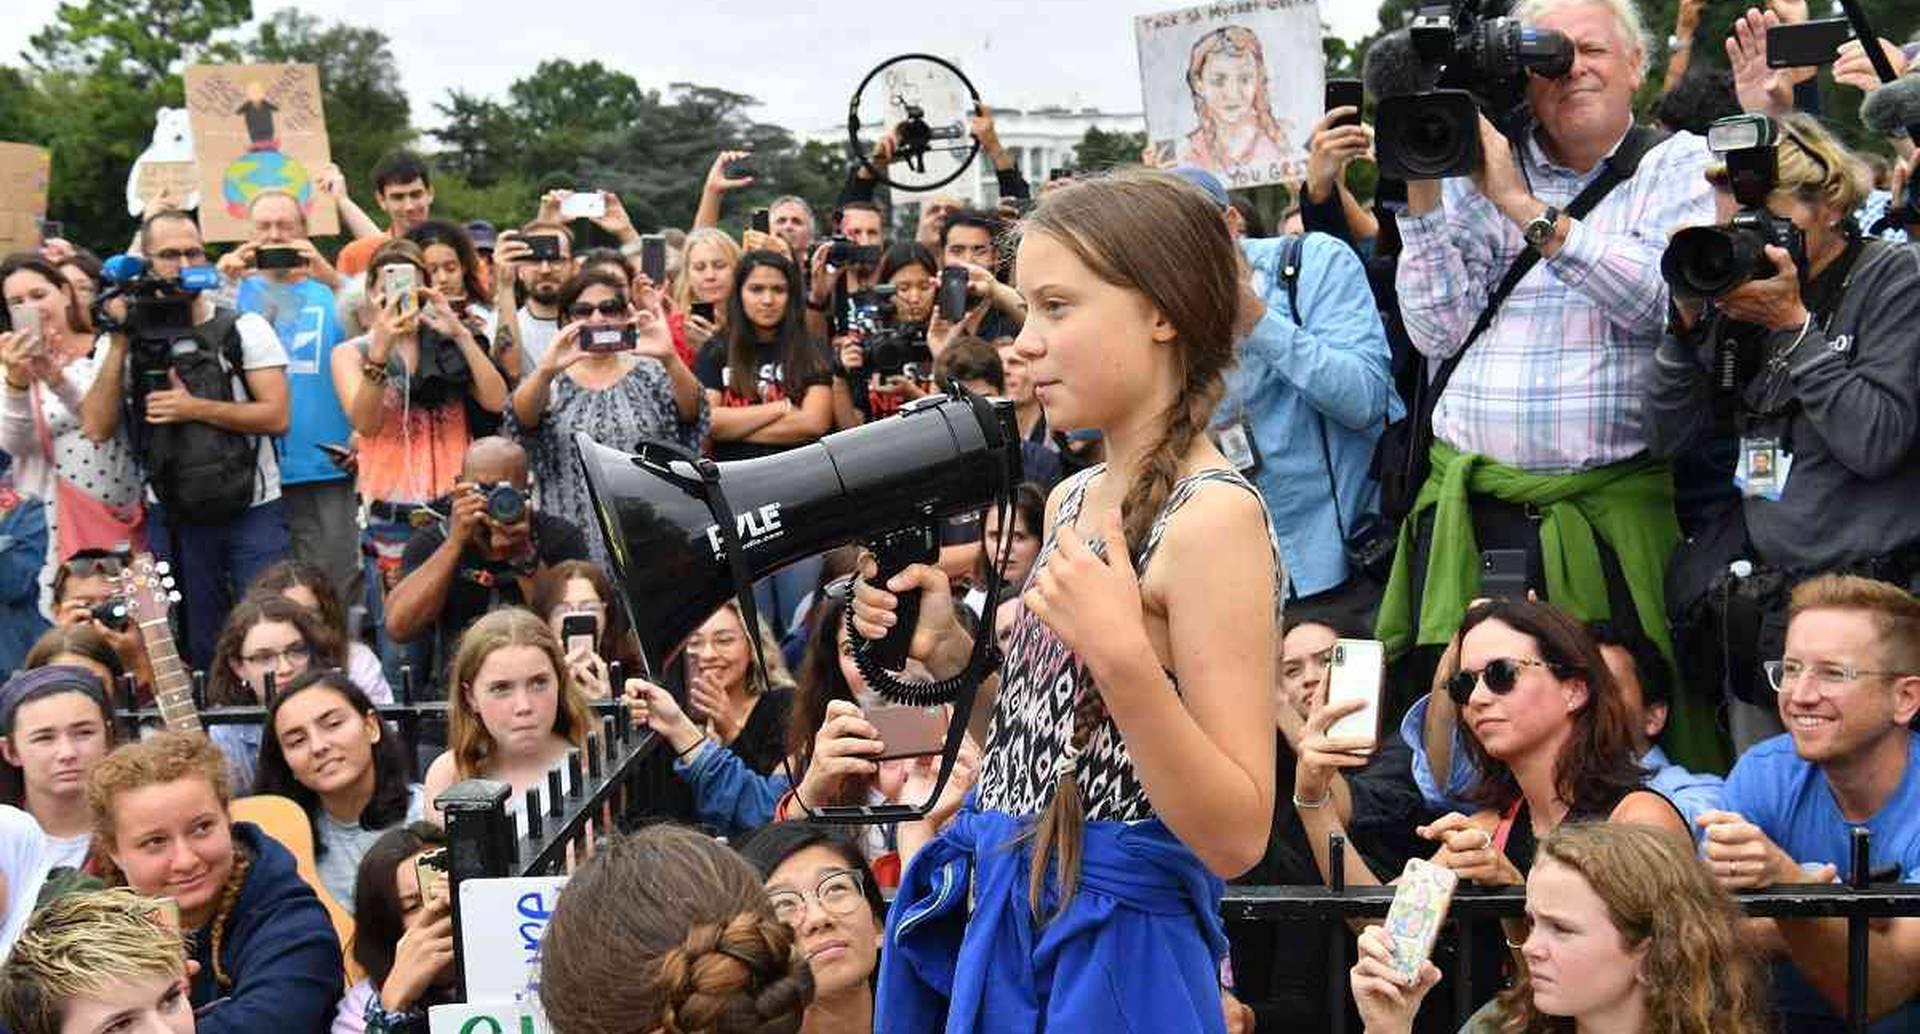 Greta Thunberg, la joven sueca que ha motivado que millones de estudiantes se movilicen en el mundo contra el cambio climático. Foto: AFP